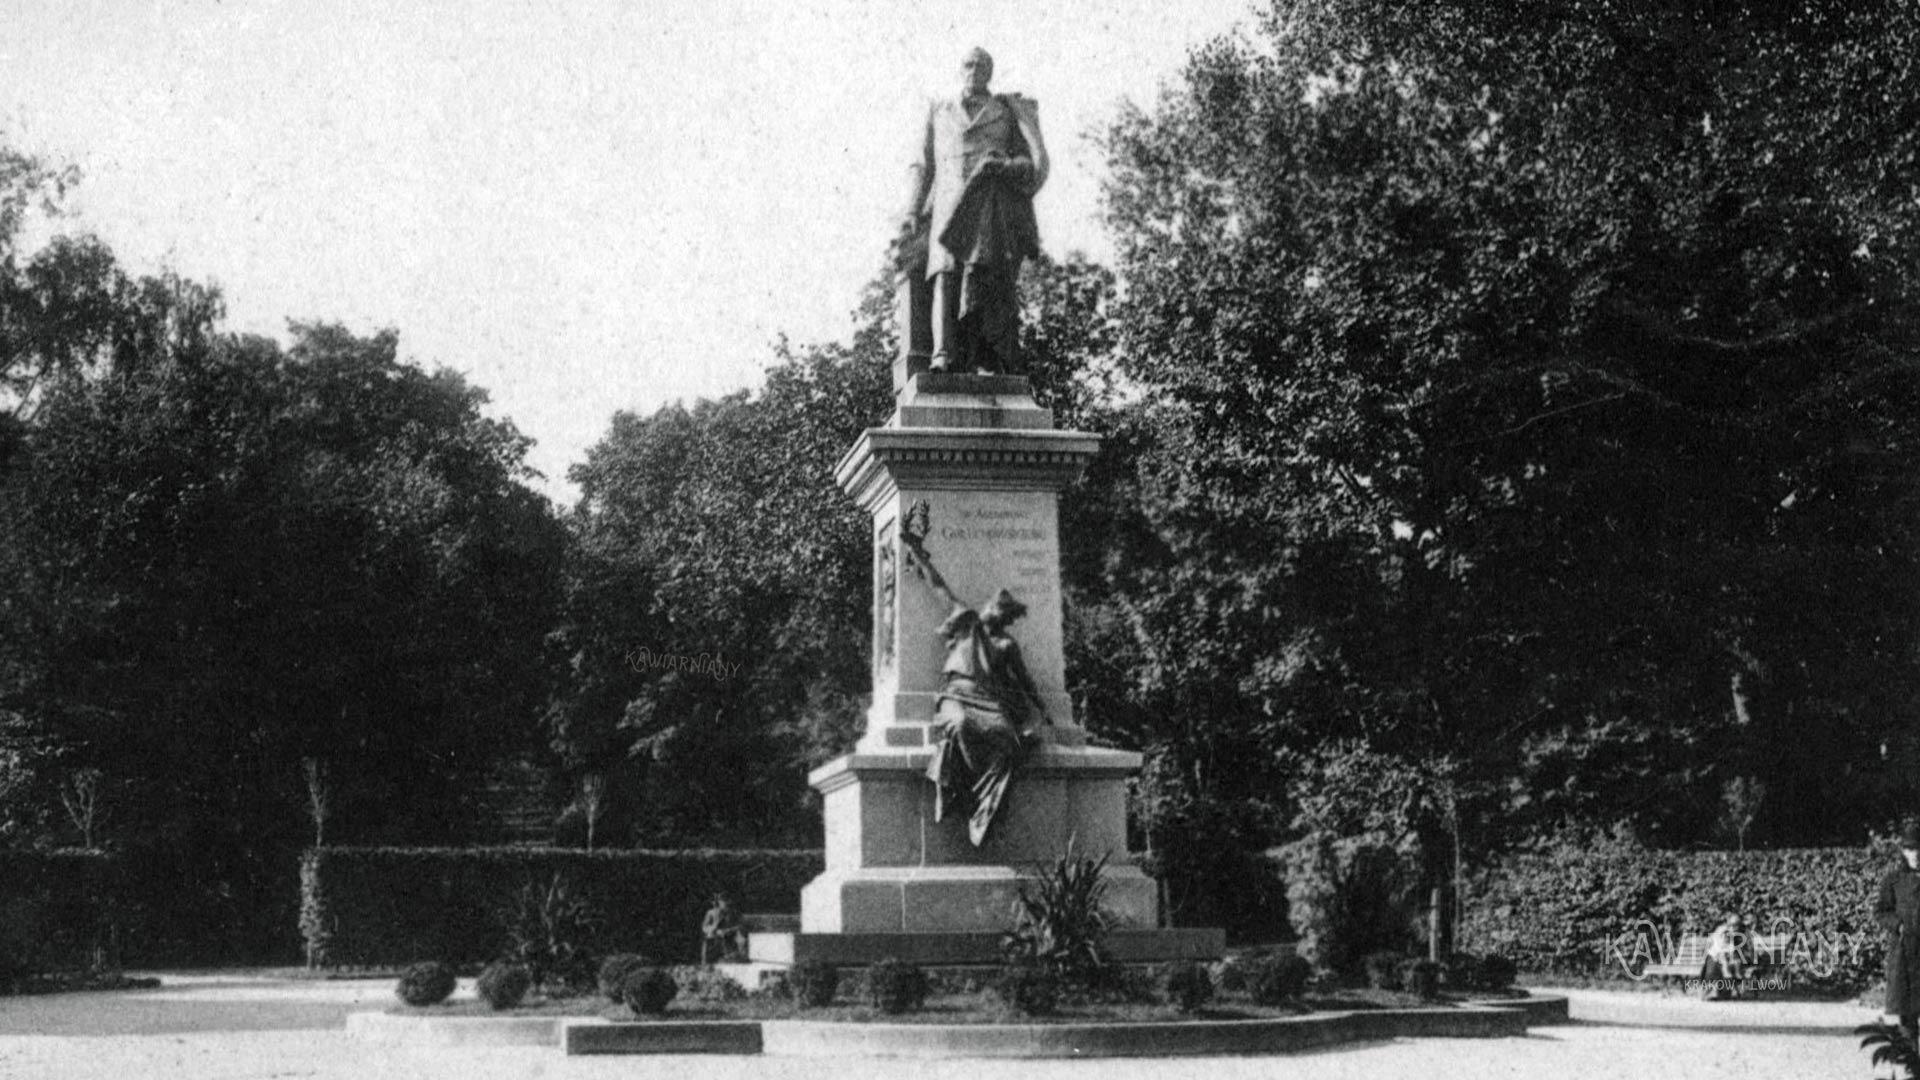 Pomnik Gołuchowskiego, Lwów